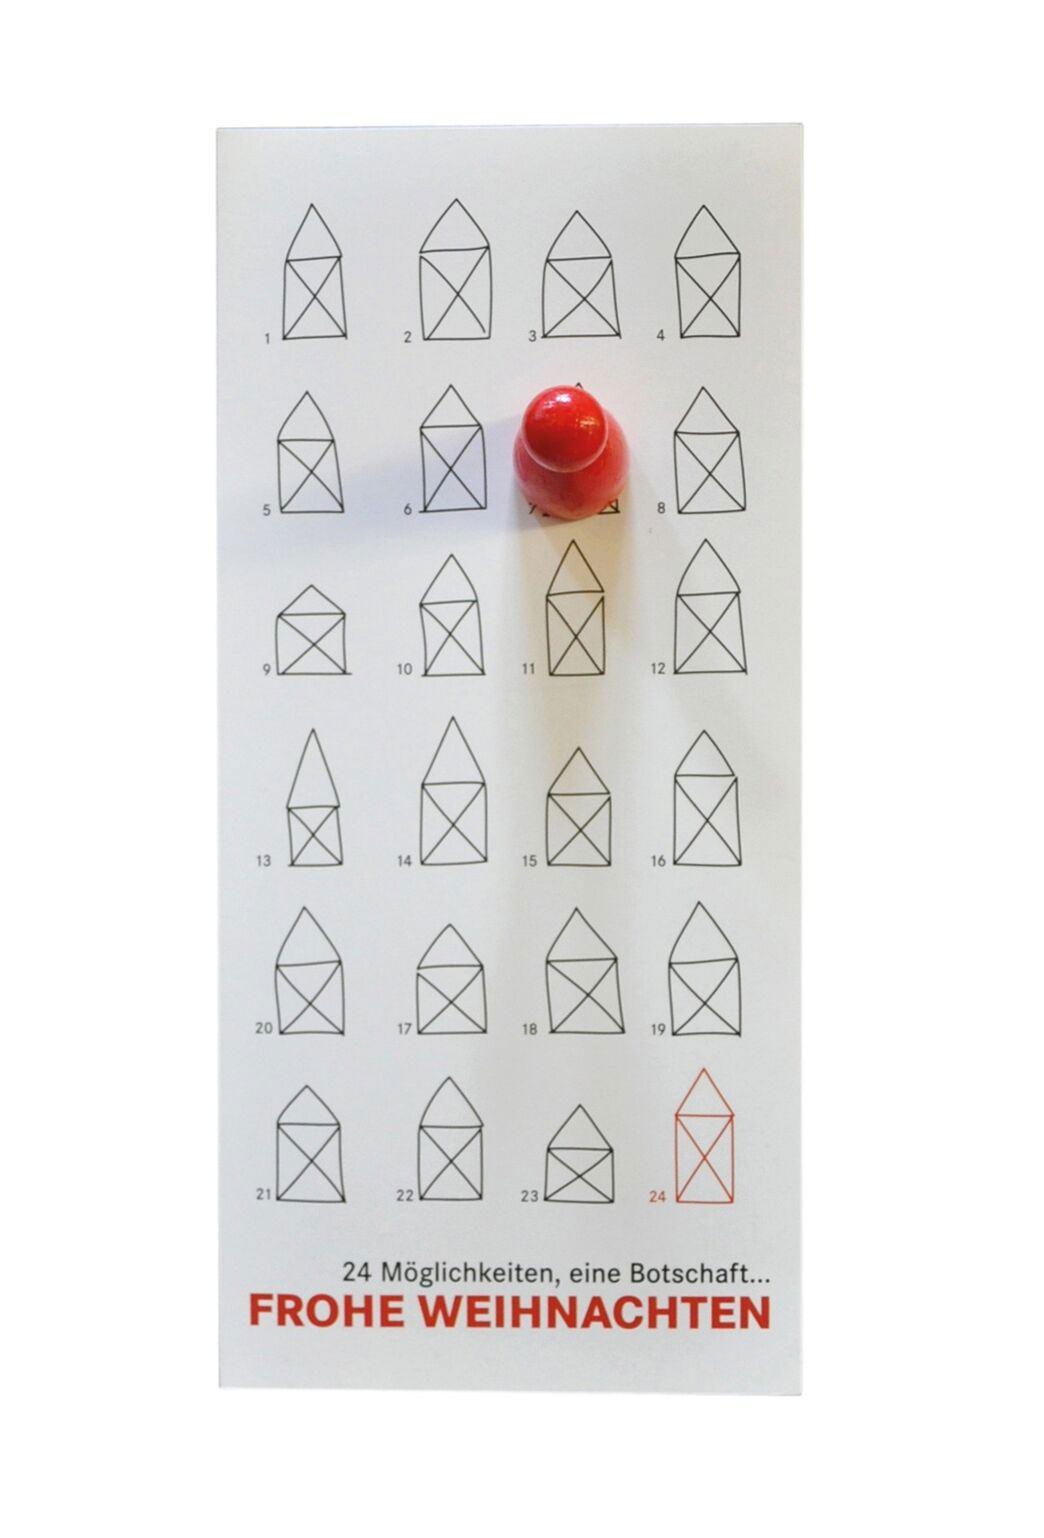 raumgestalt adventskalender spielmagnet mit bunter spielfiguren aus holz tischlerei kloepfer. Black Bedroom Furniture Sets. Home Design Ideas